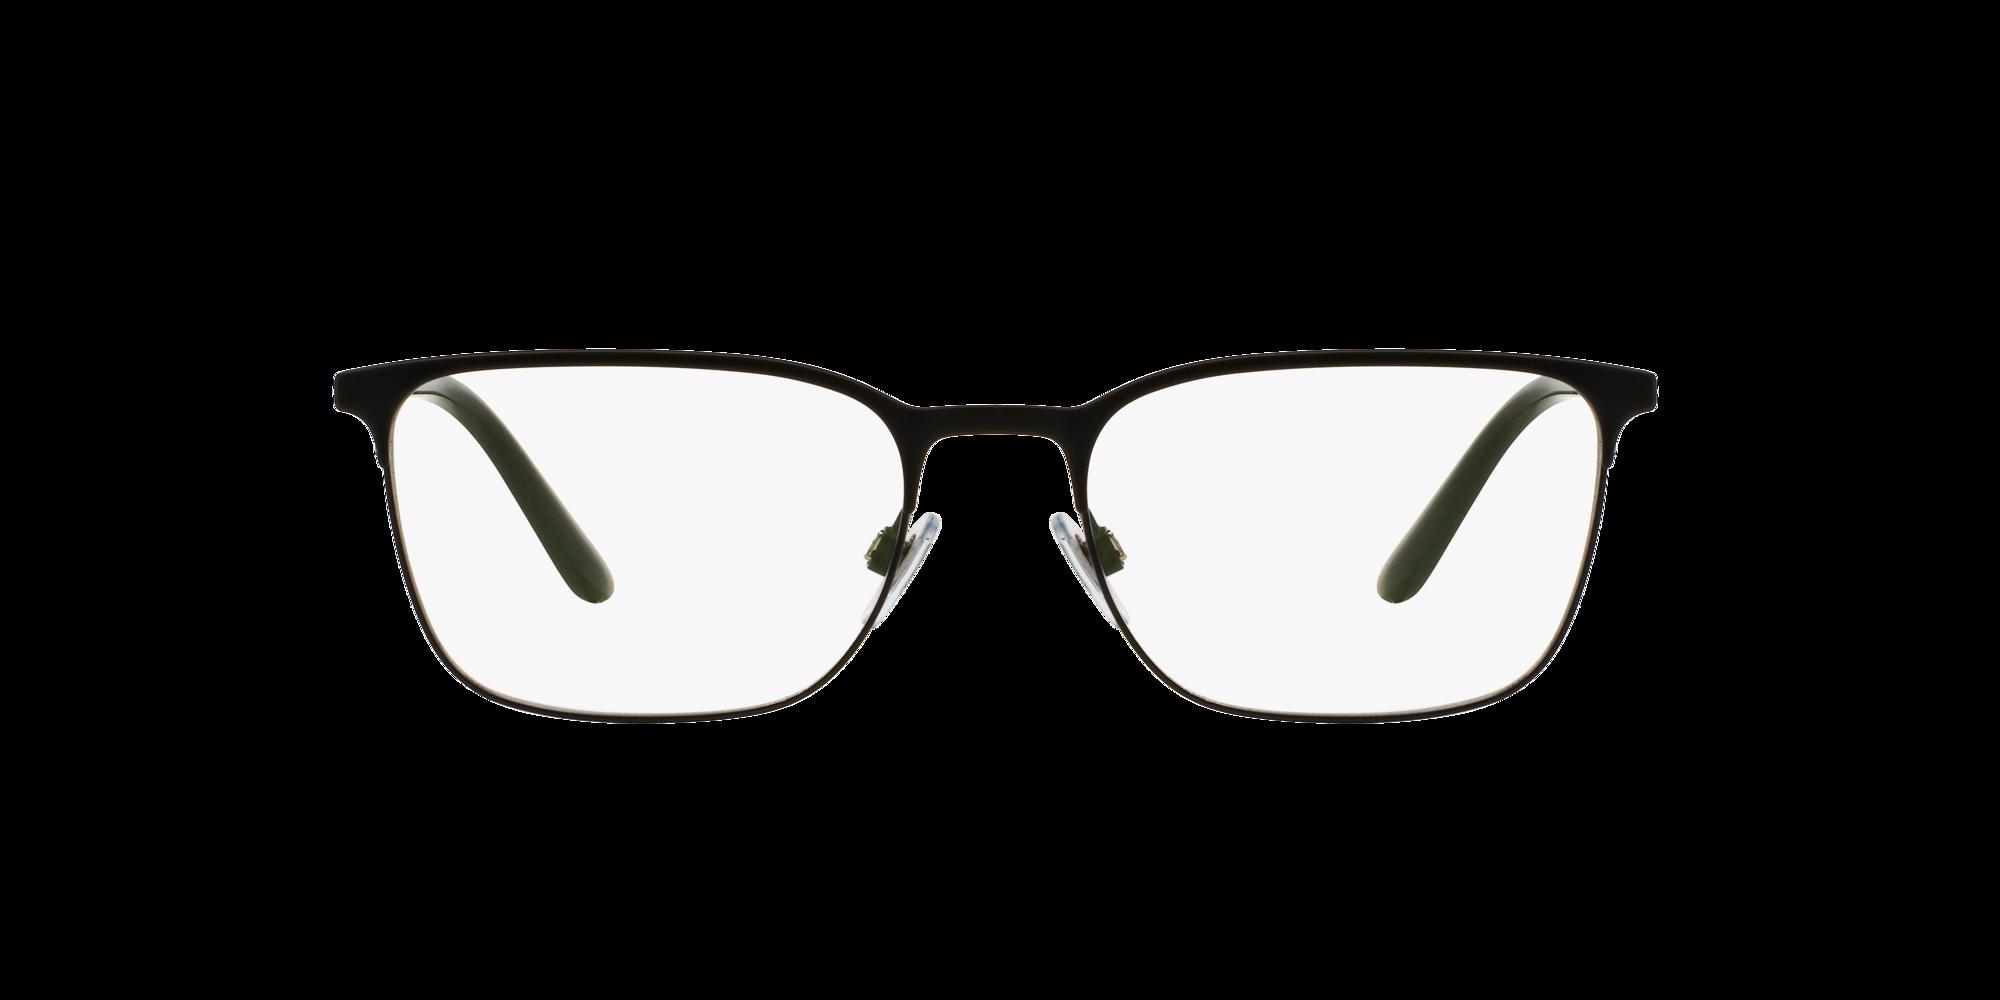 Imagen para AR5054 de LensCrafters |  Espejuelos, espejuelos graduados en línea, gafas